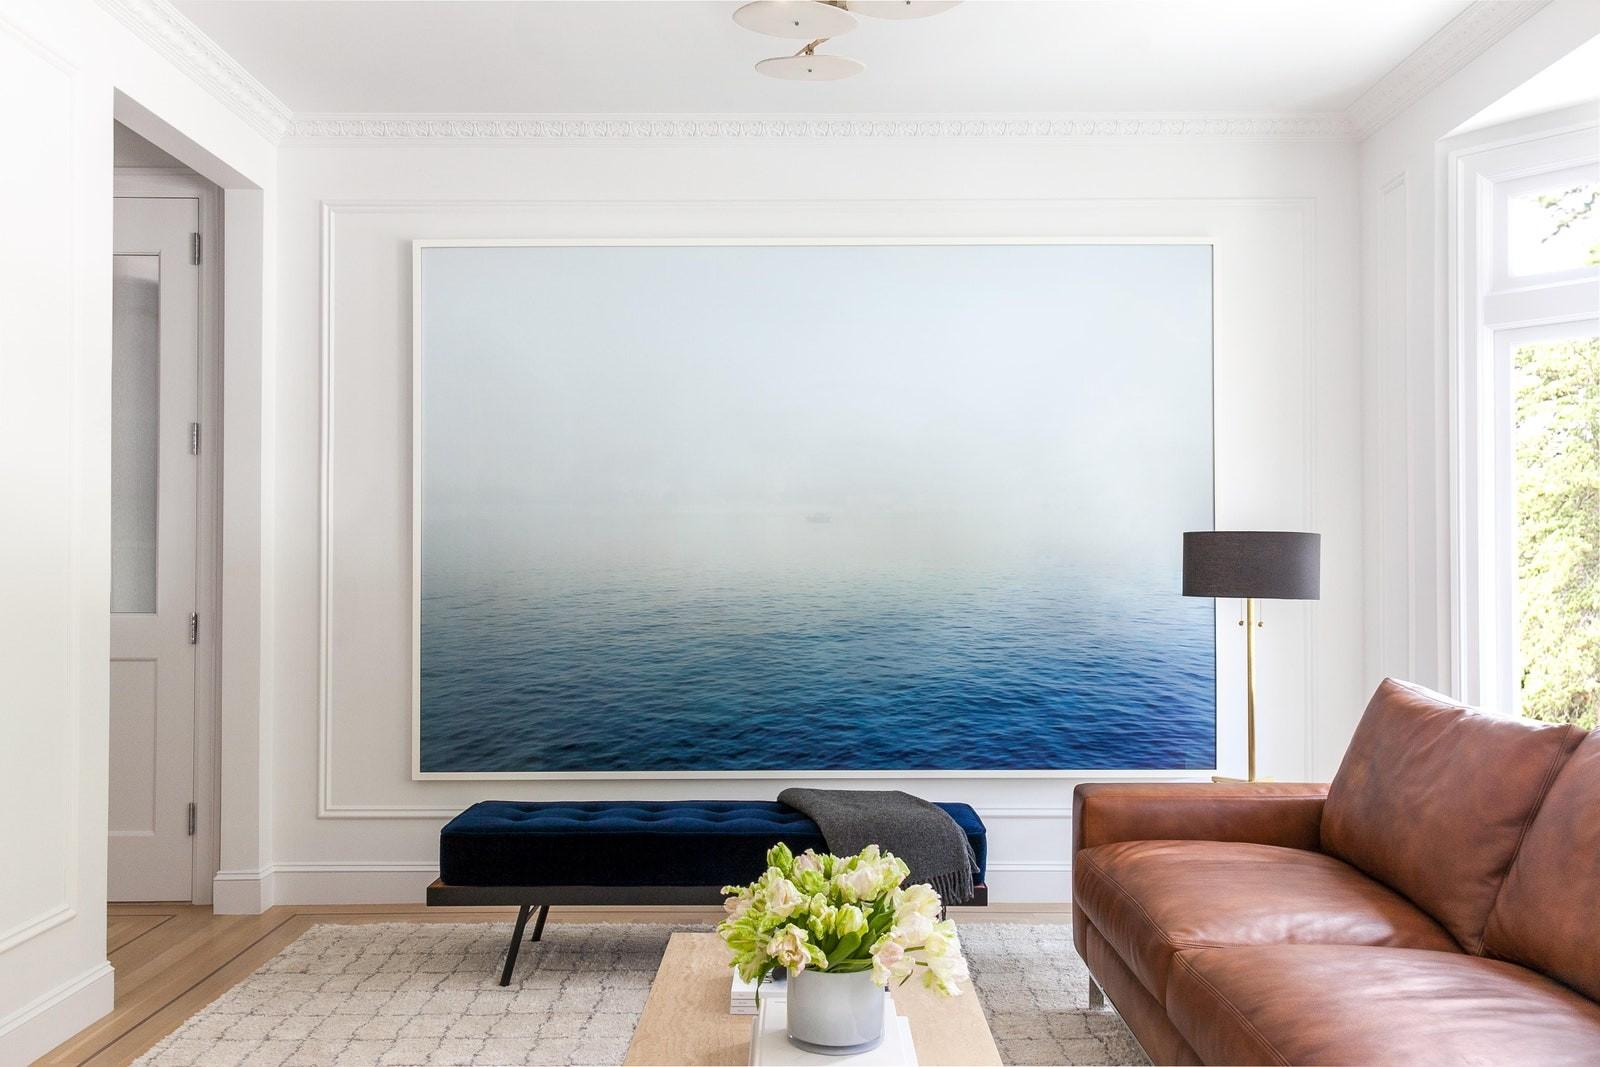 أفكار ديكور للحائط - لوحة كبيرة